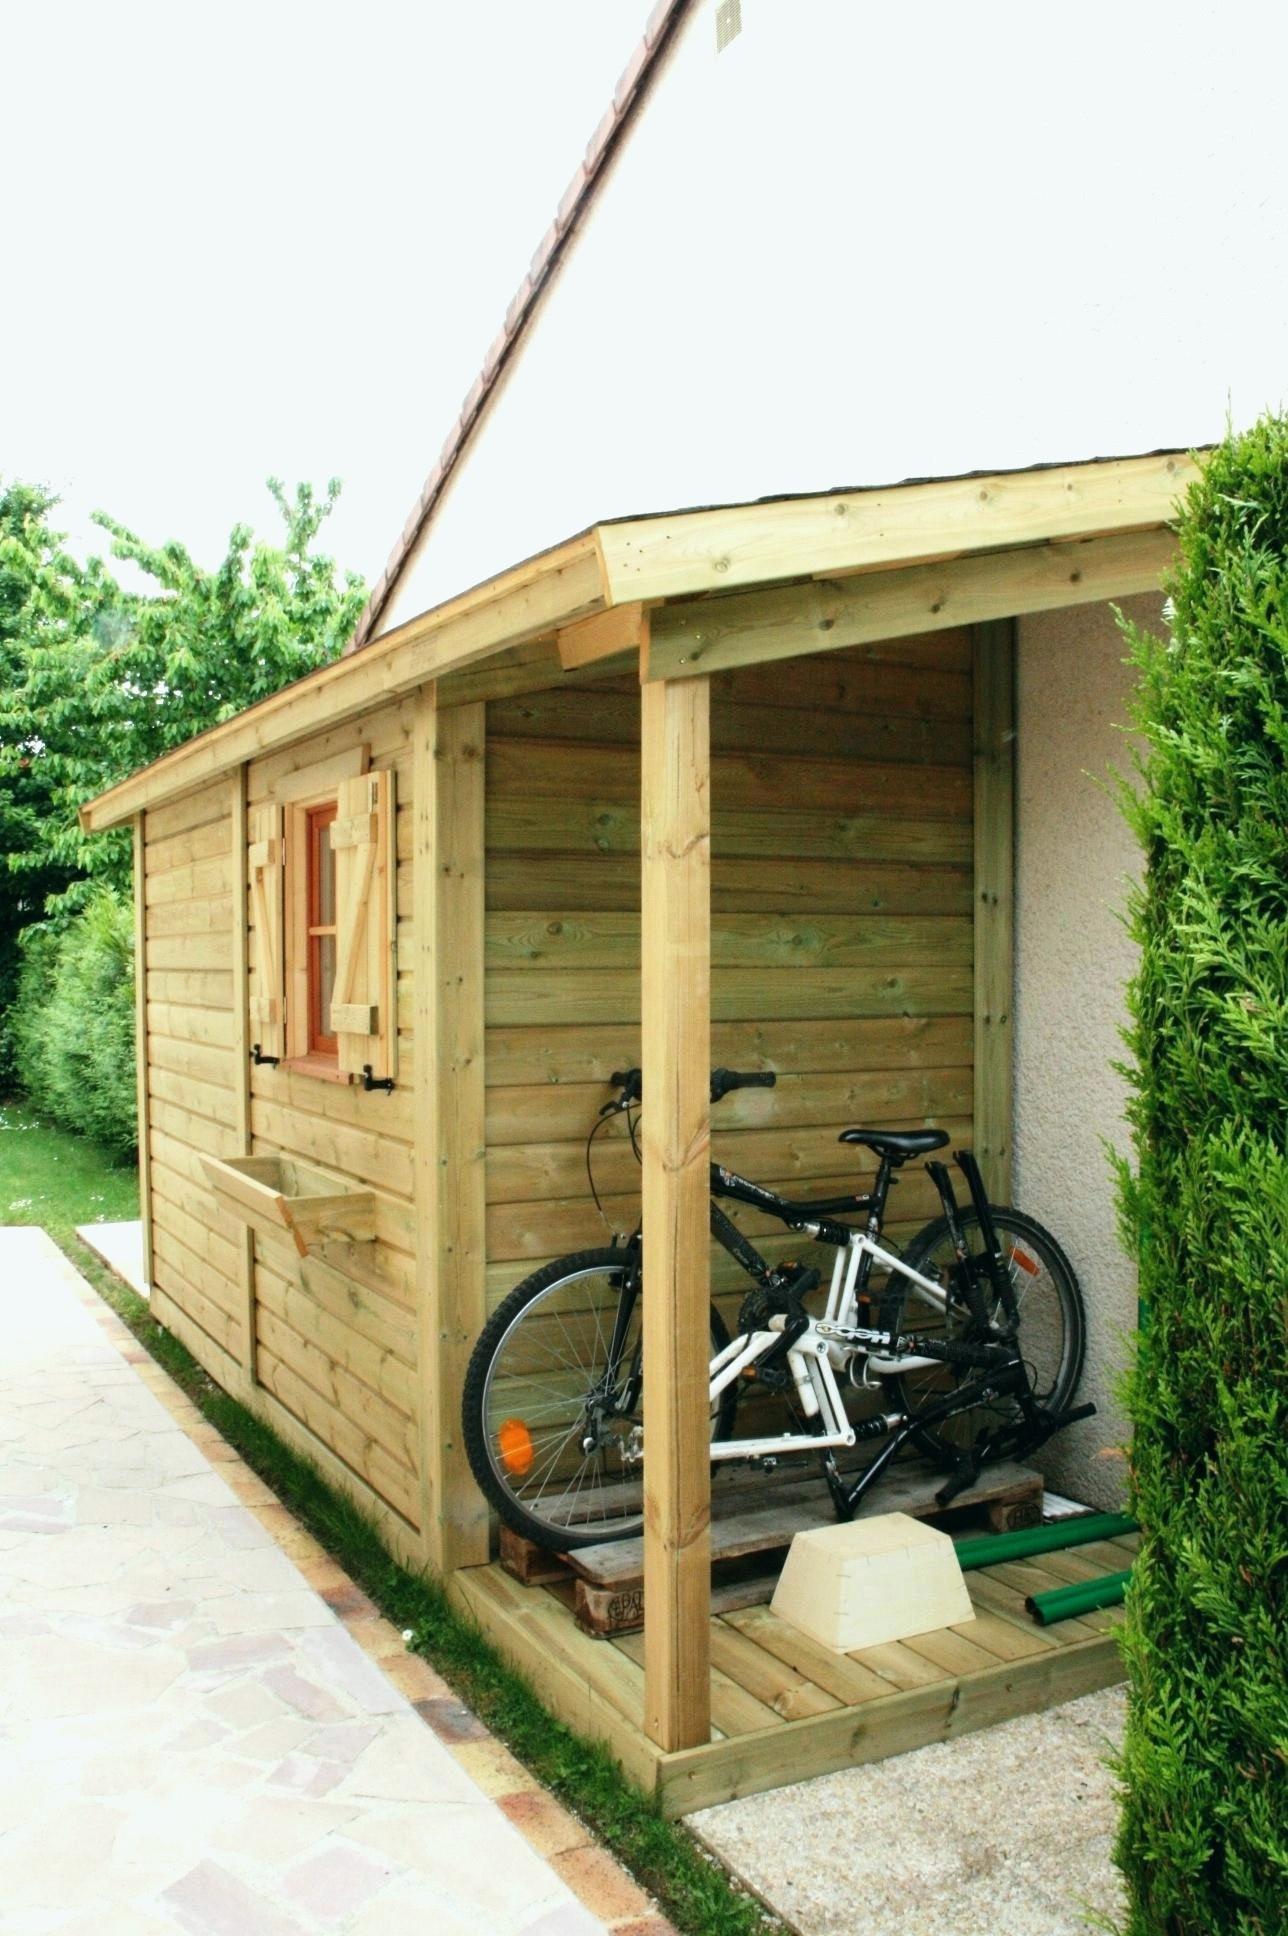 Garage Bois Auchan Unique Photographie Garage Bois Pas Cher Inspirant Brico Depot Abri De Jardin Luxe